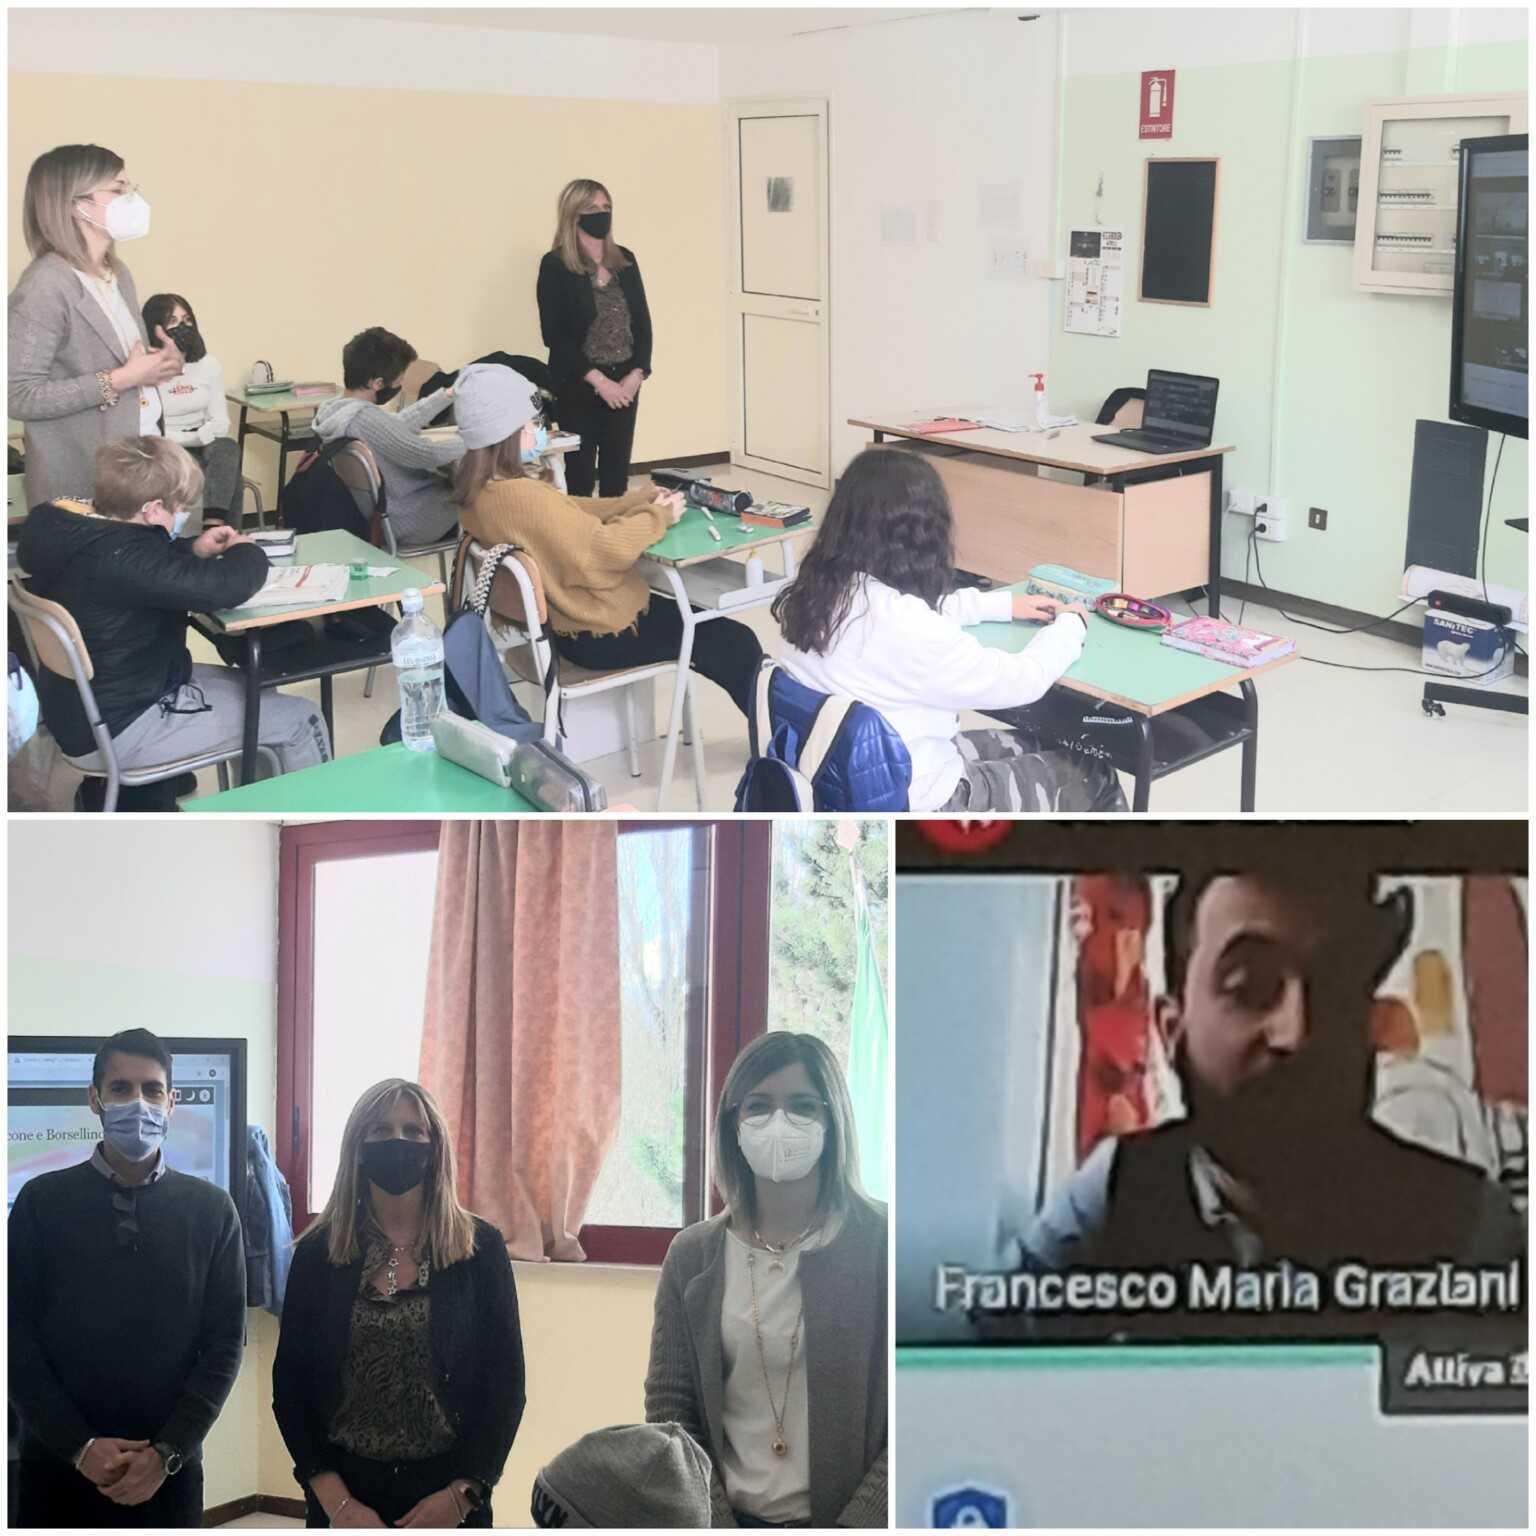 educazione-energetica-tra-i-banchi-di-scuola:-incontro-online-ic-falcone-e-borsellino-con-francesco-maria-graziani